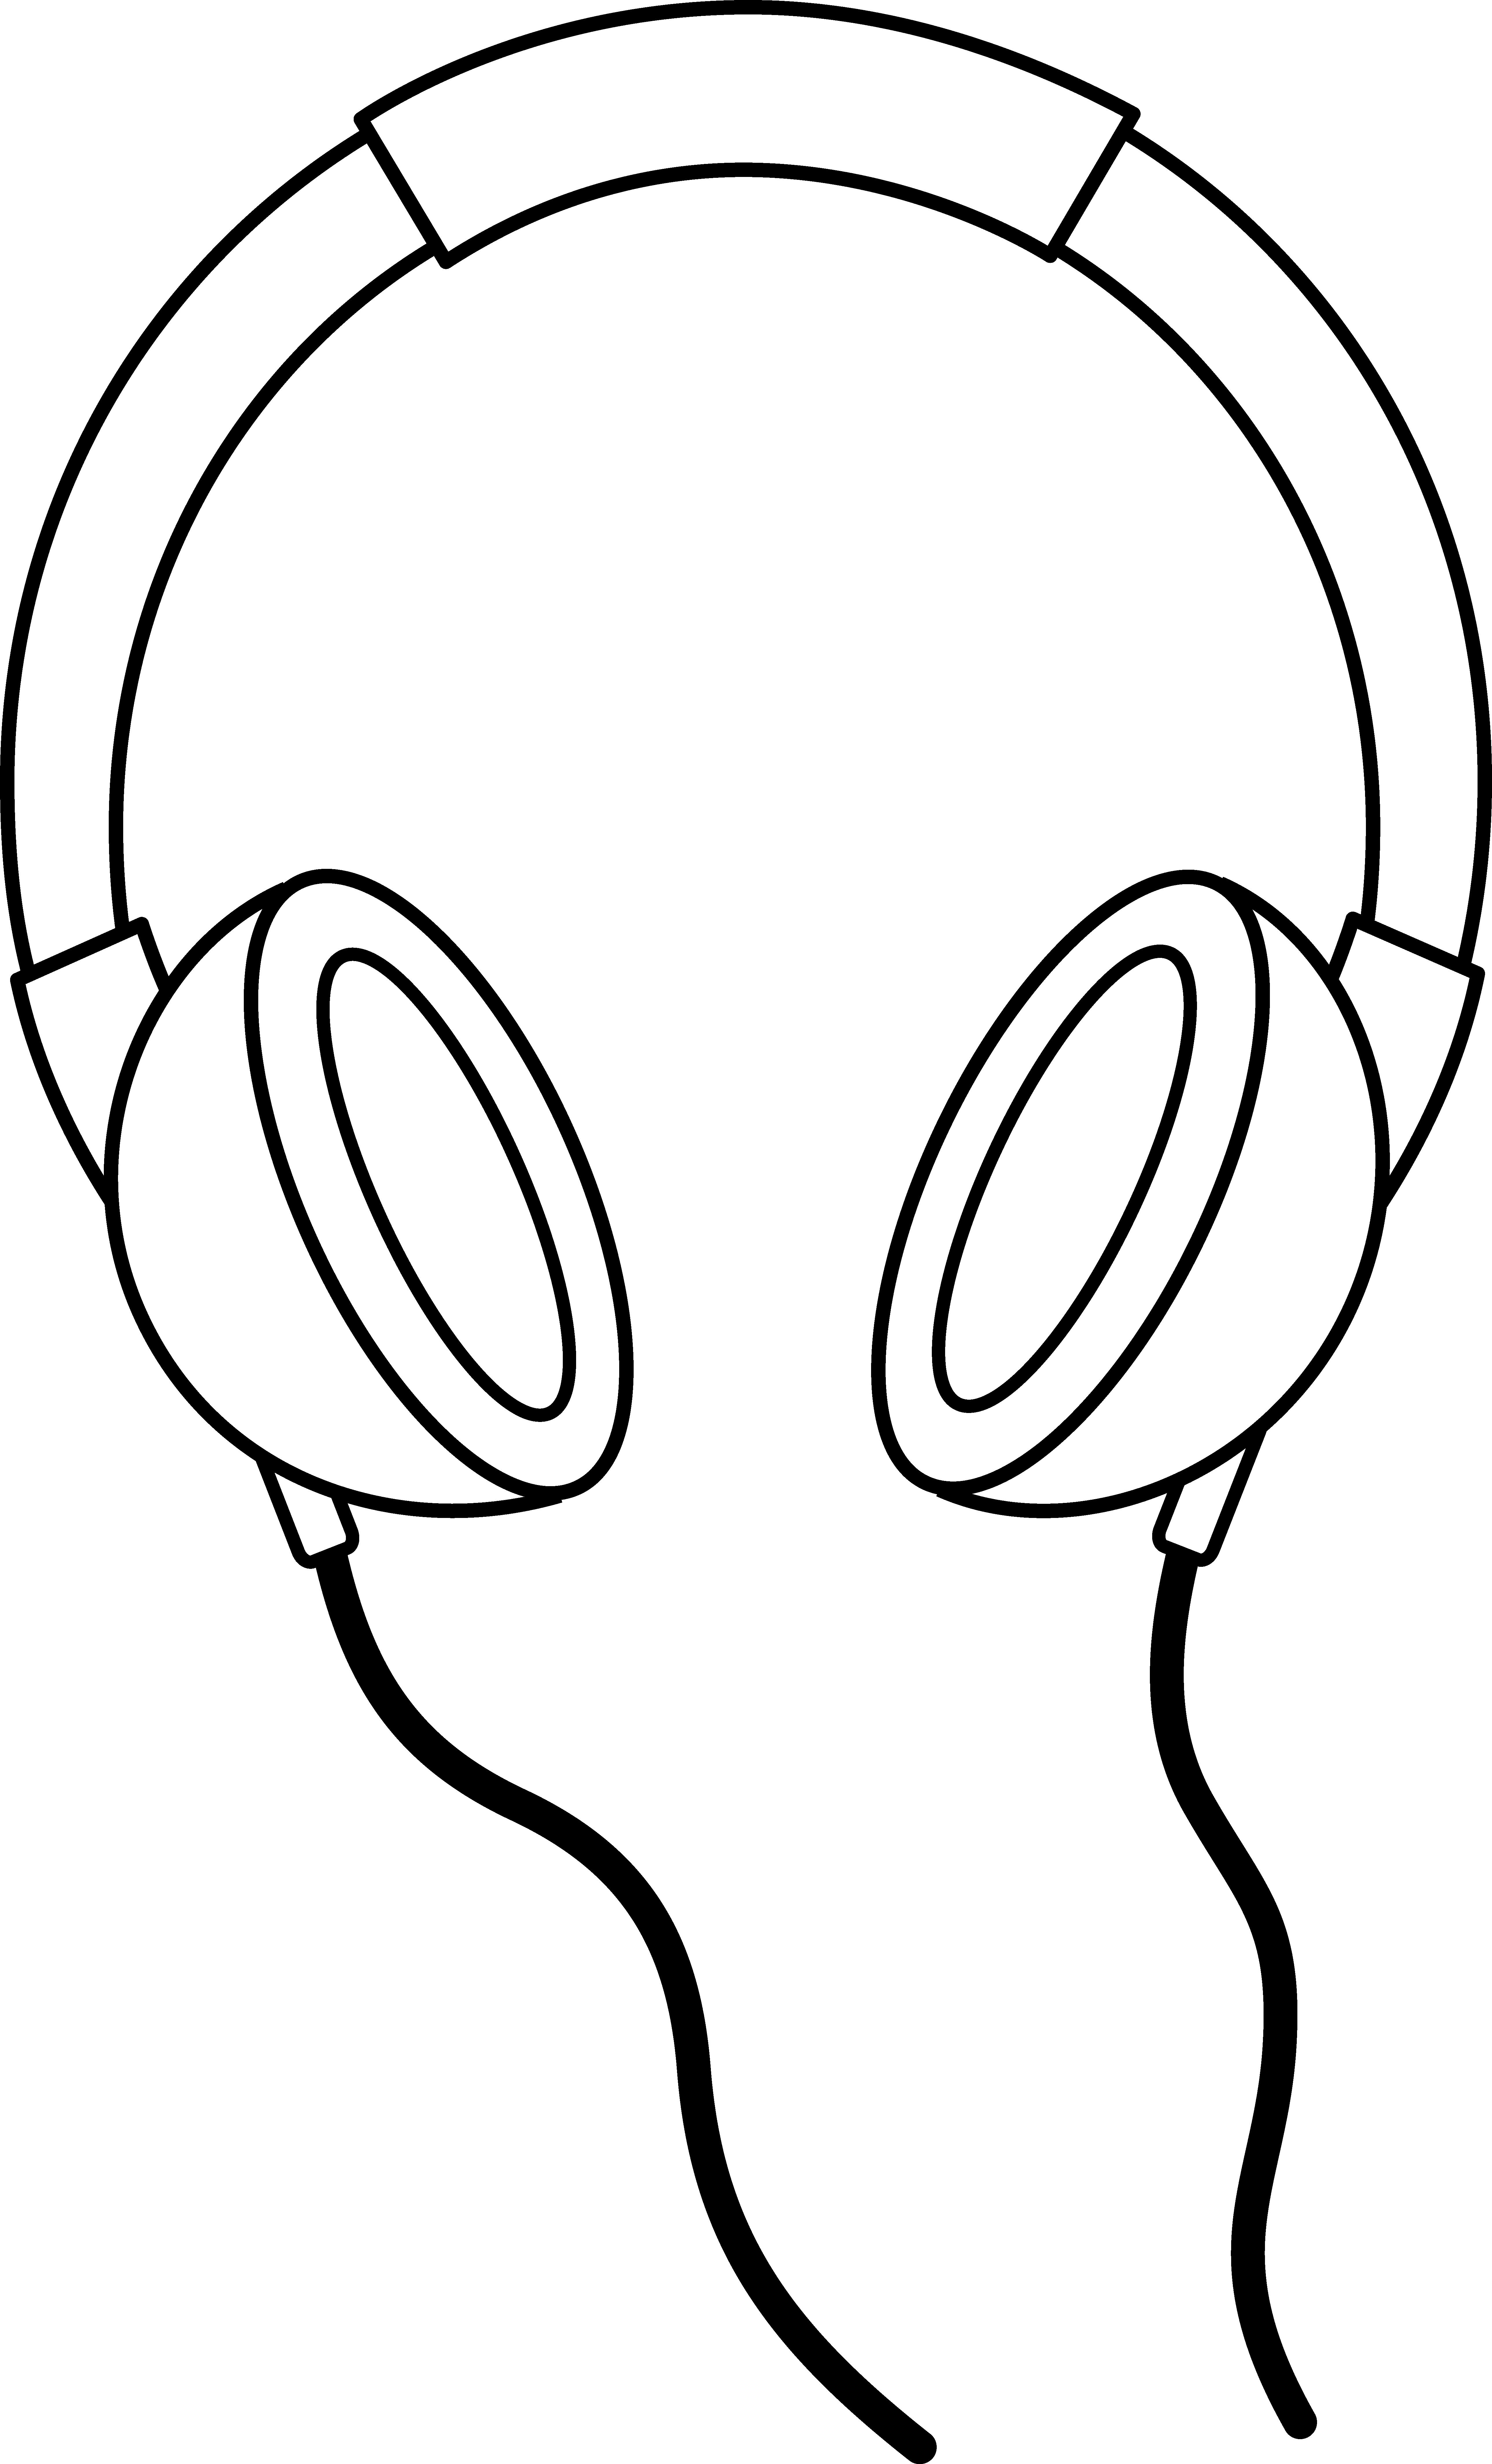 5159x8522 Headphones Line Art